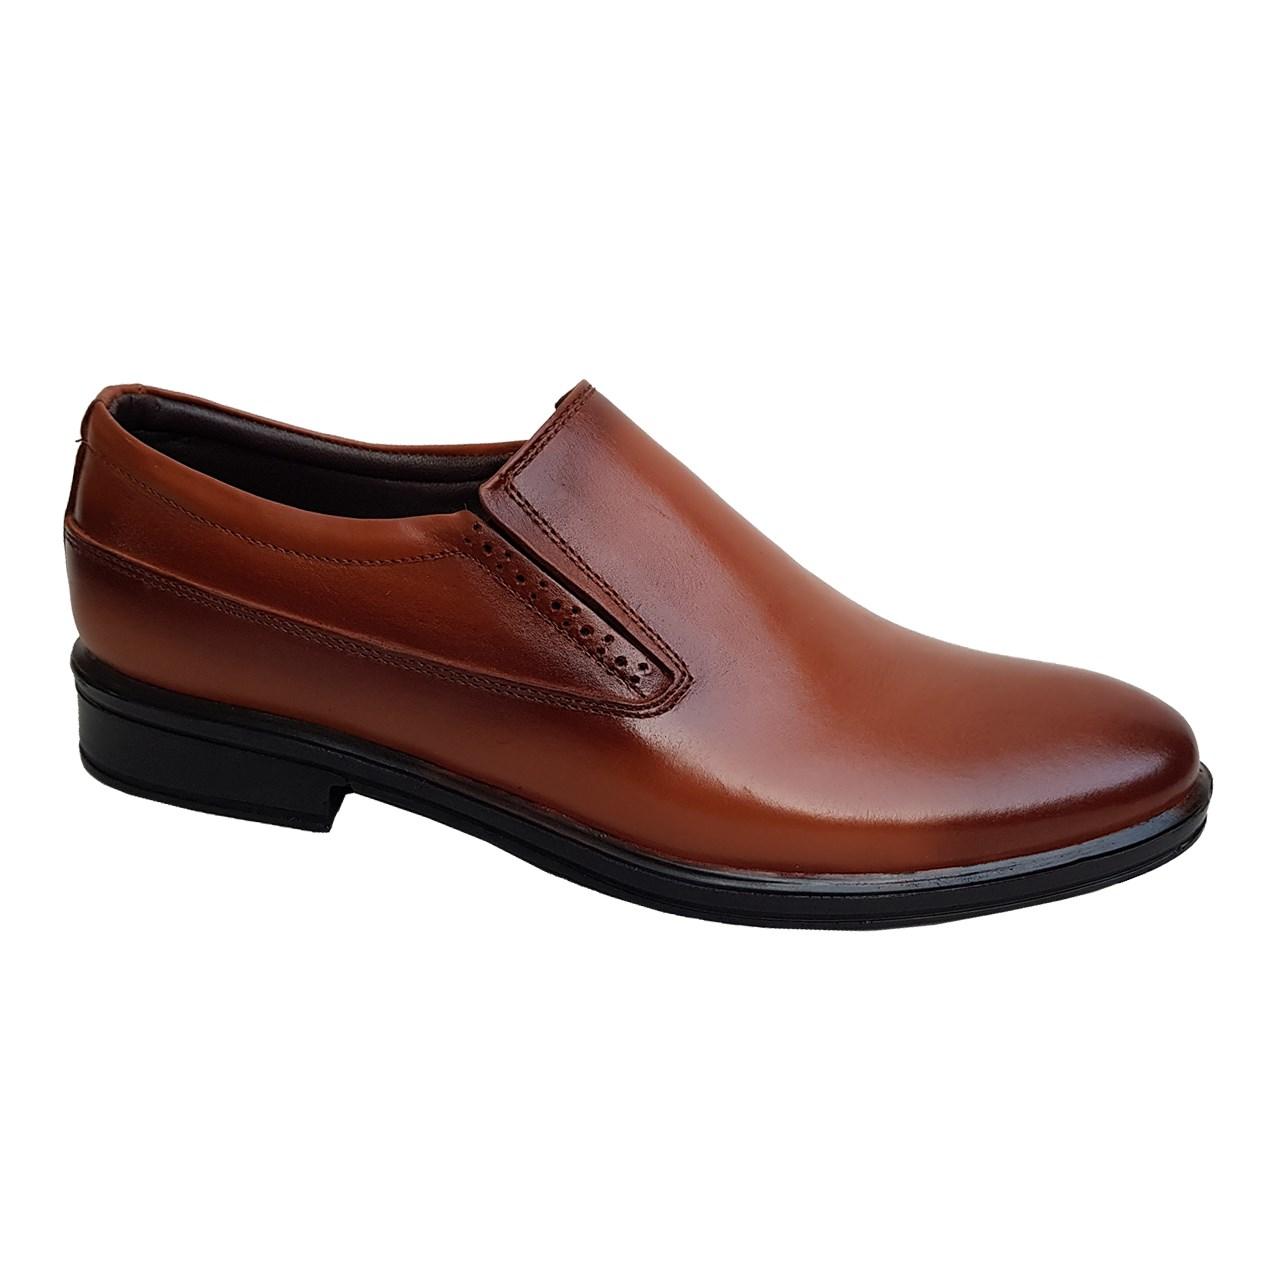 قیمت کفش مردانه چرم طبیعی دیاکو مدلMSL-KERAL-K-HONEY